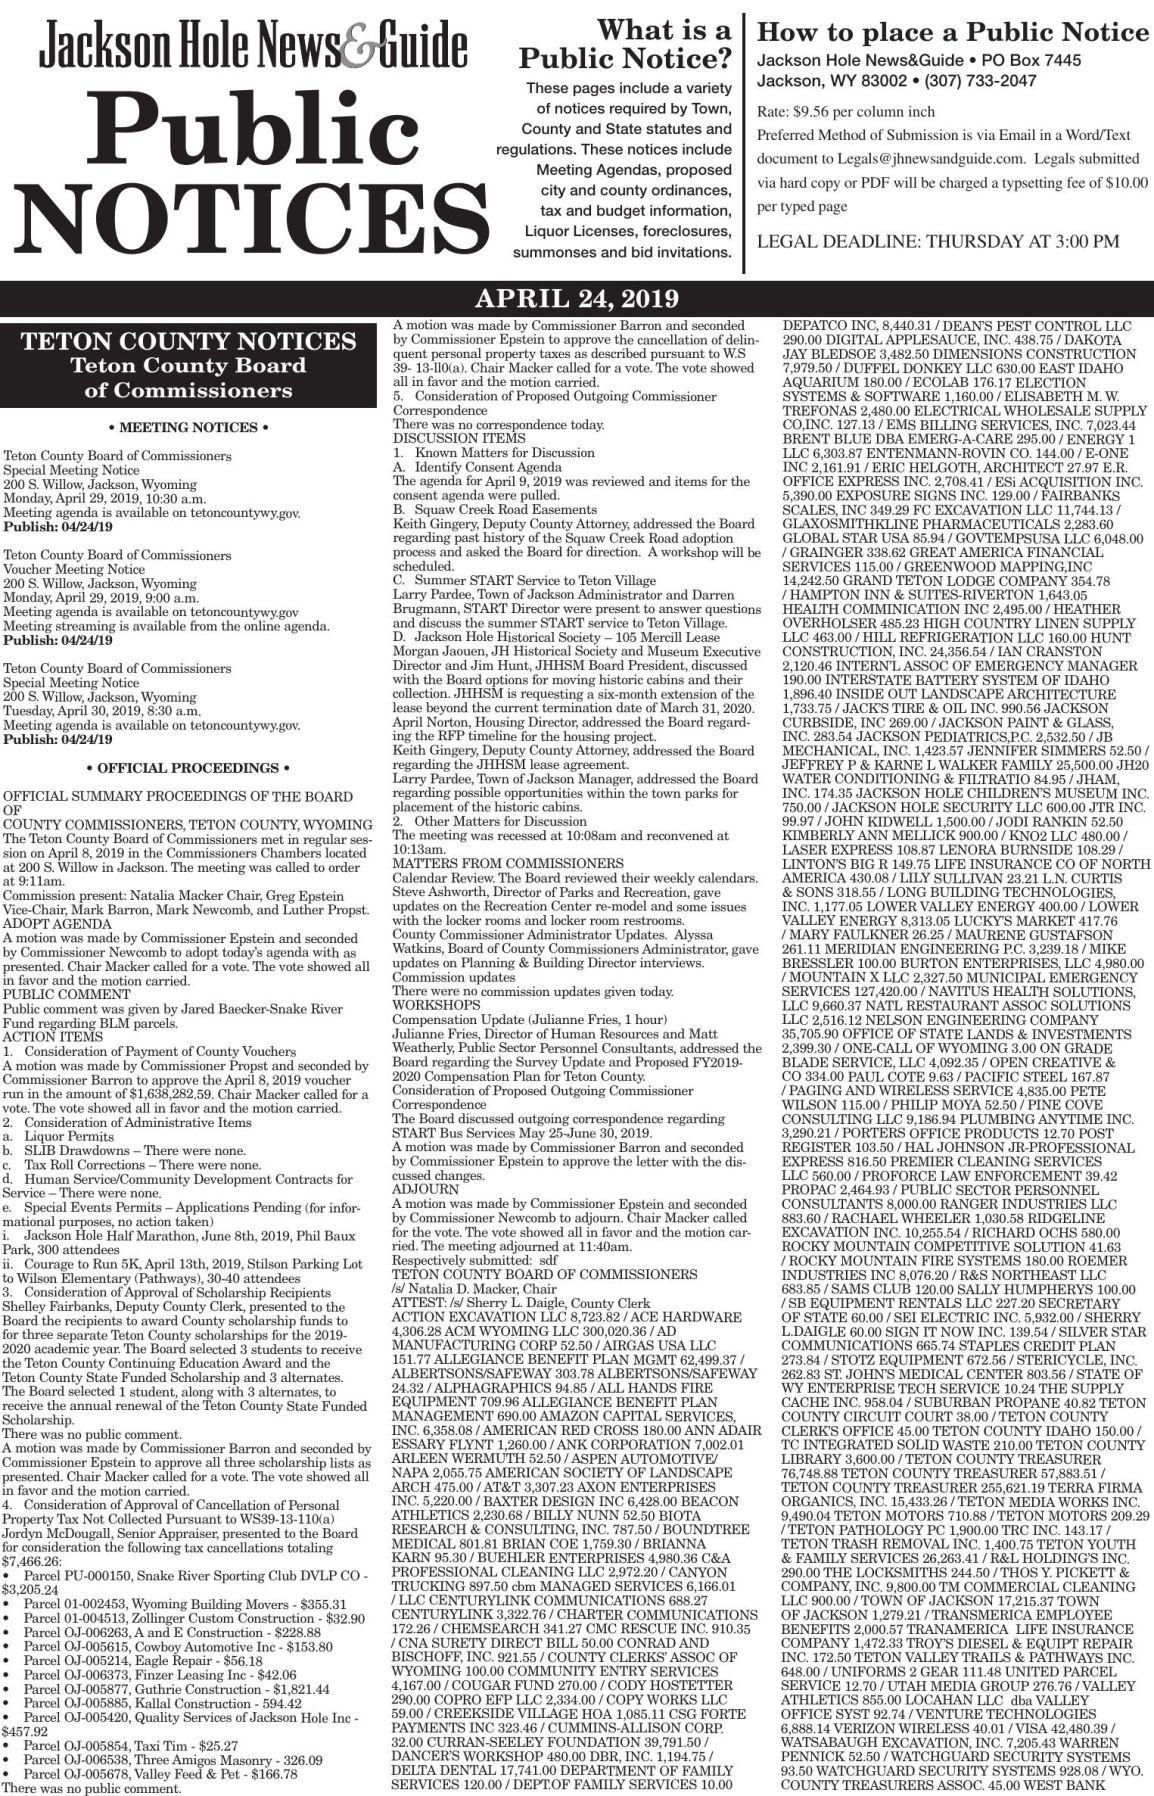 Public Notices, April 24, 2019